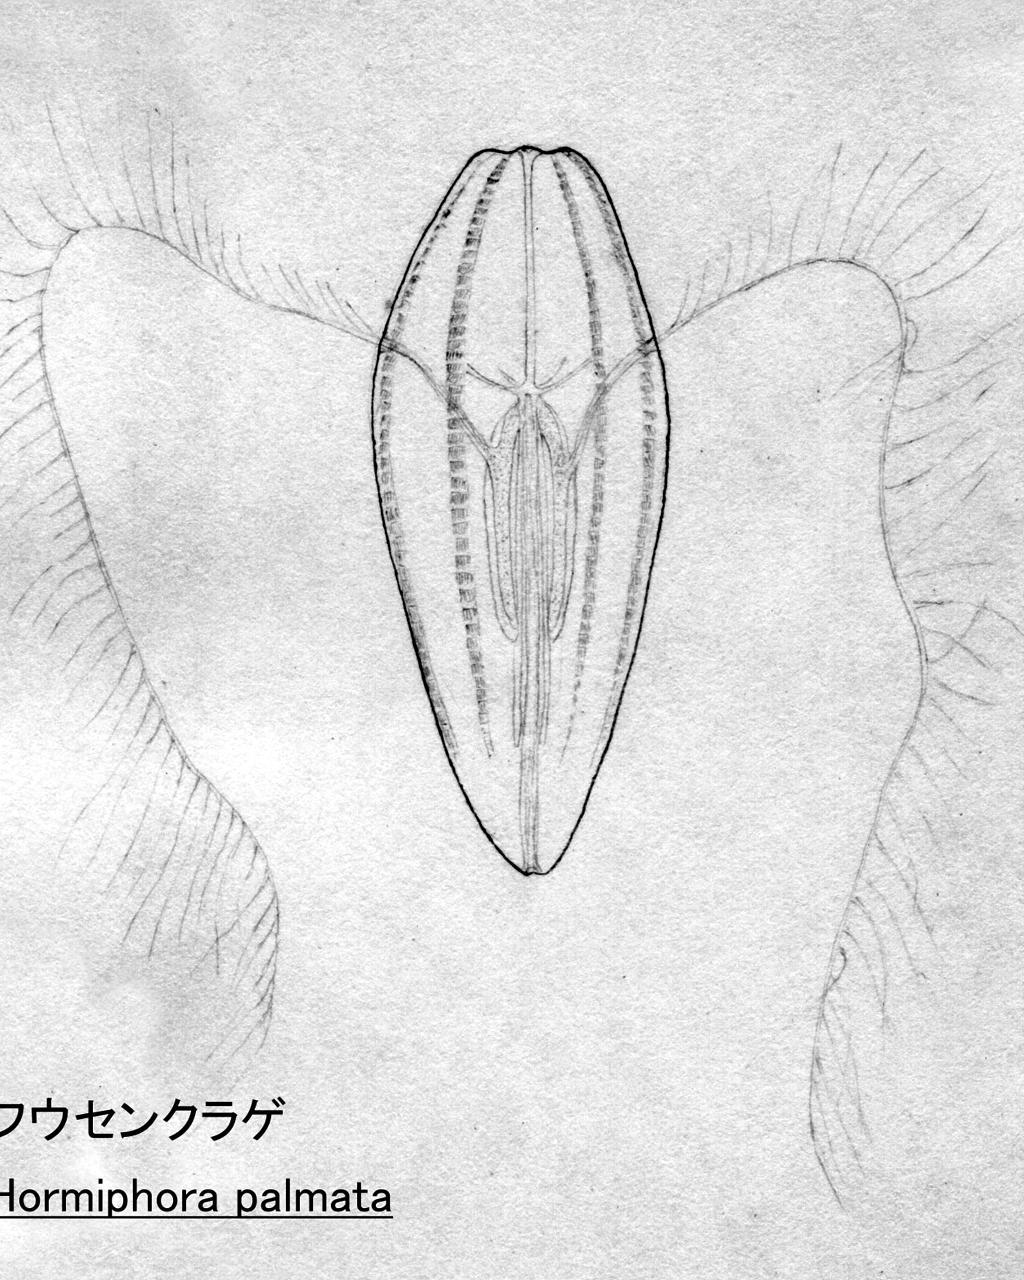 フウセンクラゲ